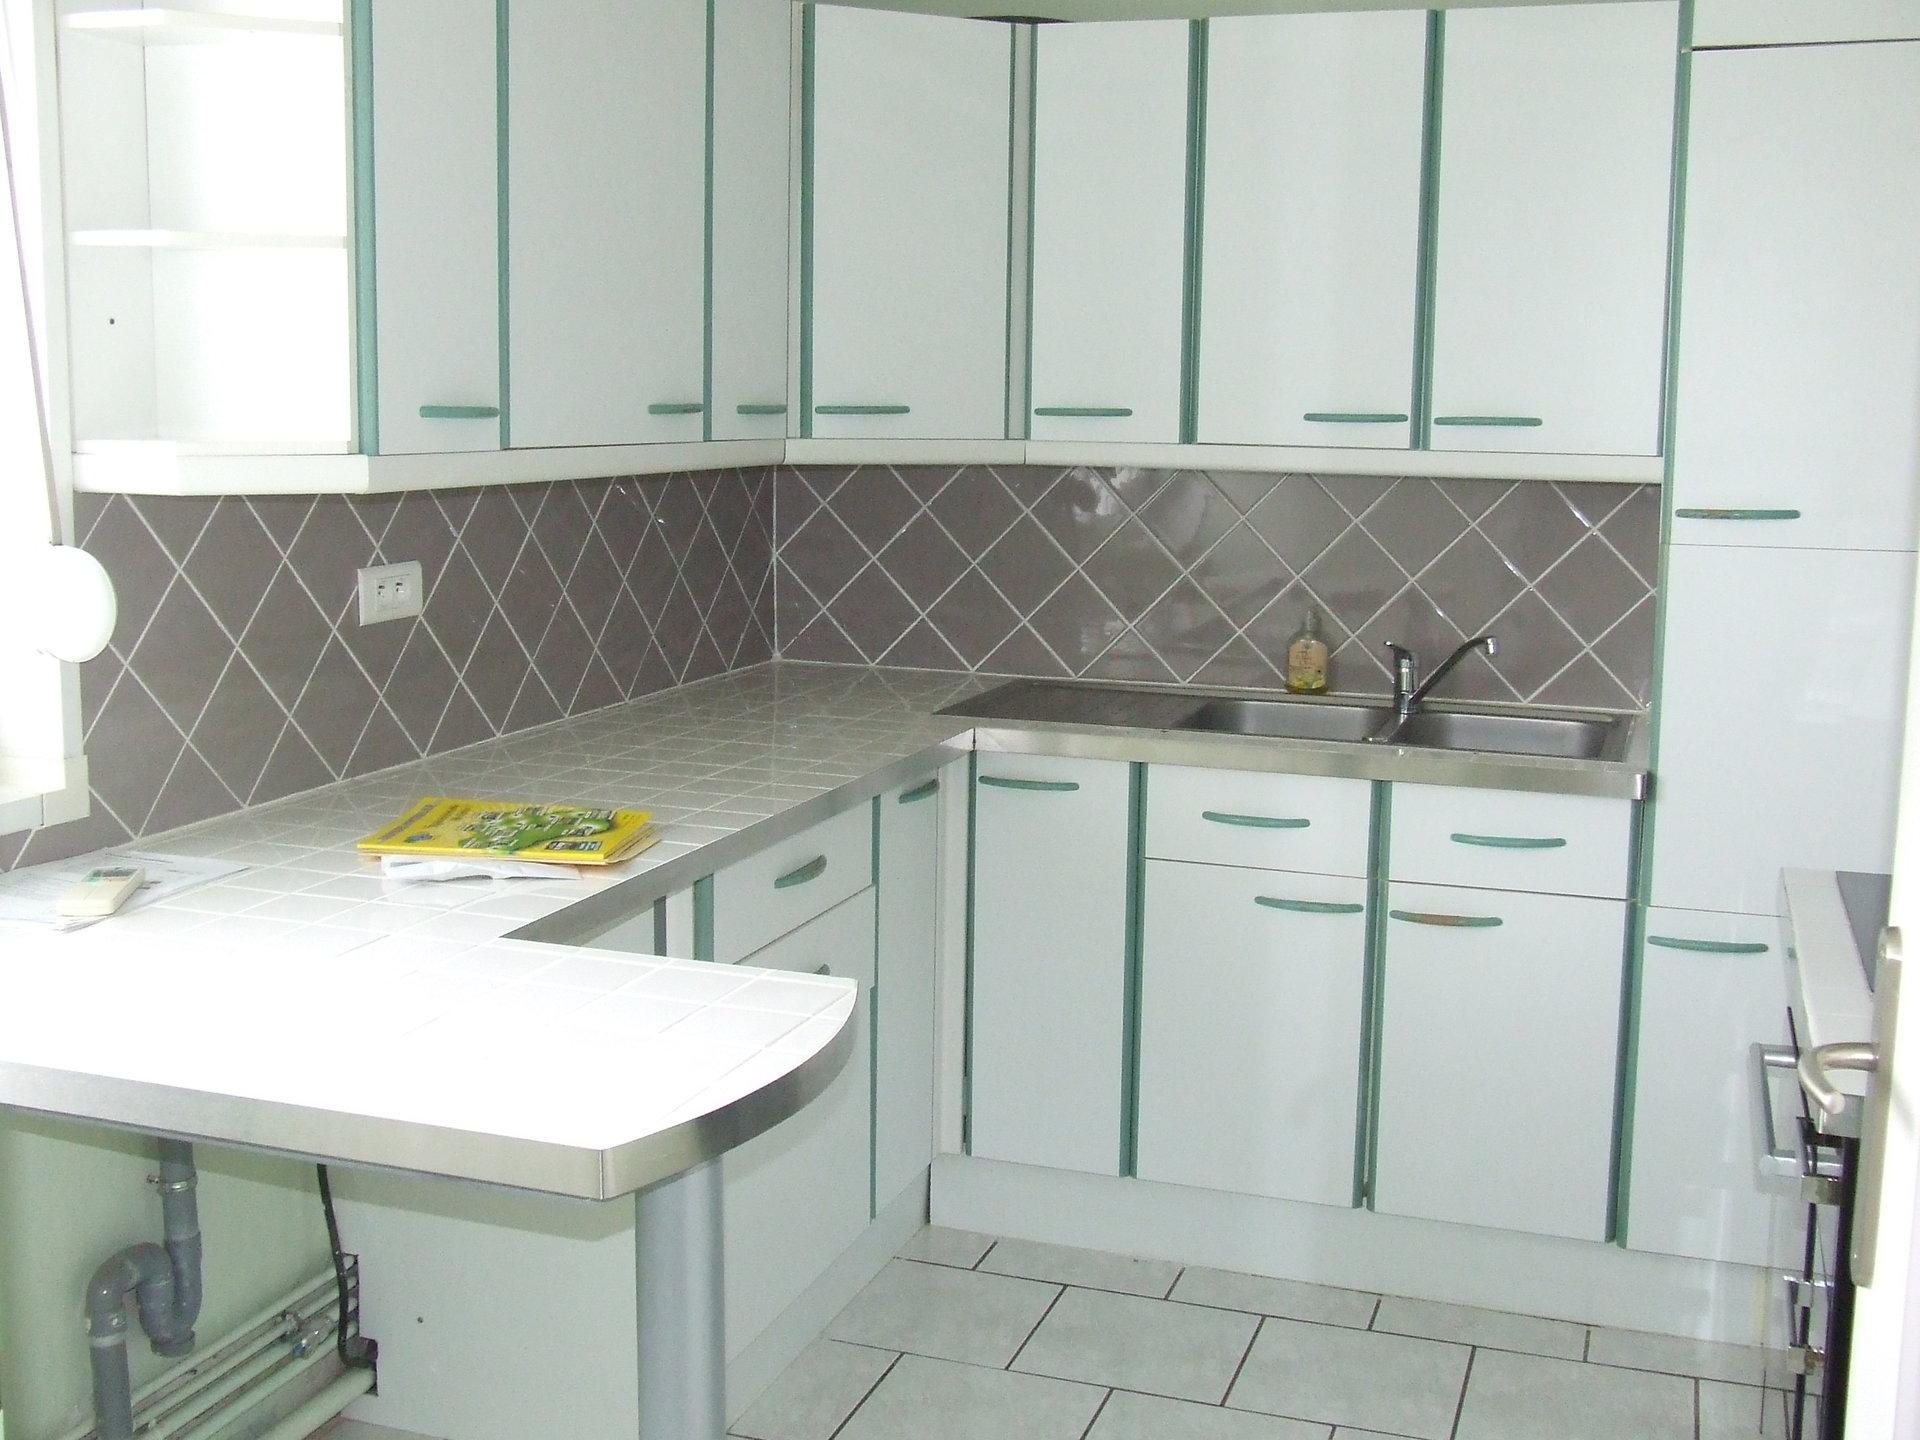 appartement centre ville en parfait état proposant séjour,cuisine,équipée ,chambre ,salle d'eau, toilettes ,balcon